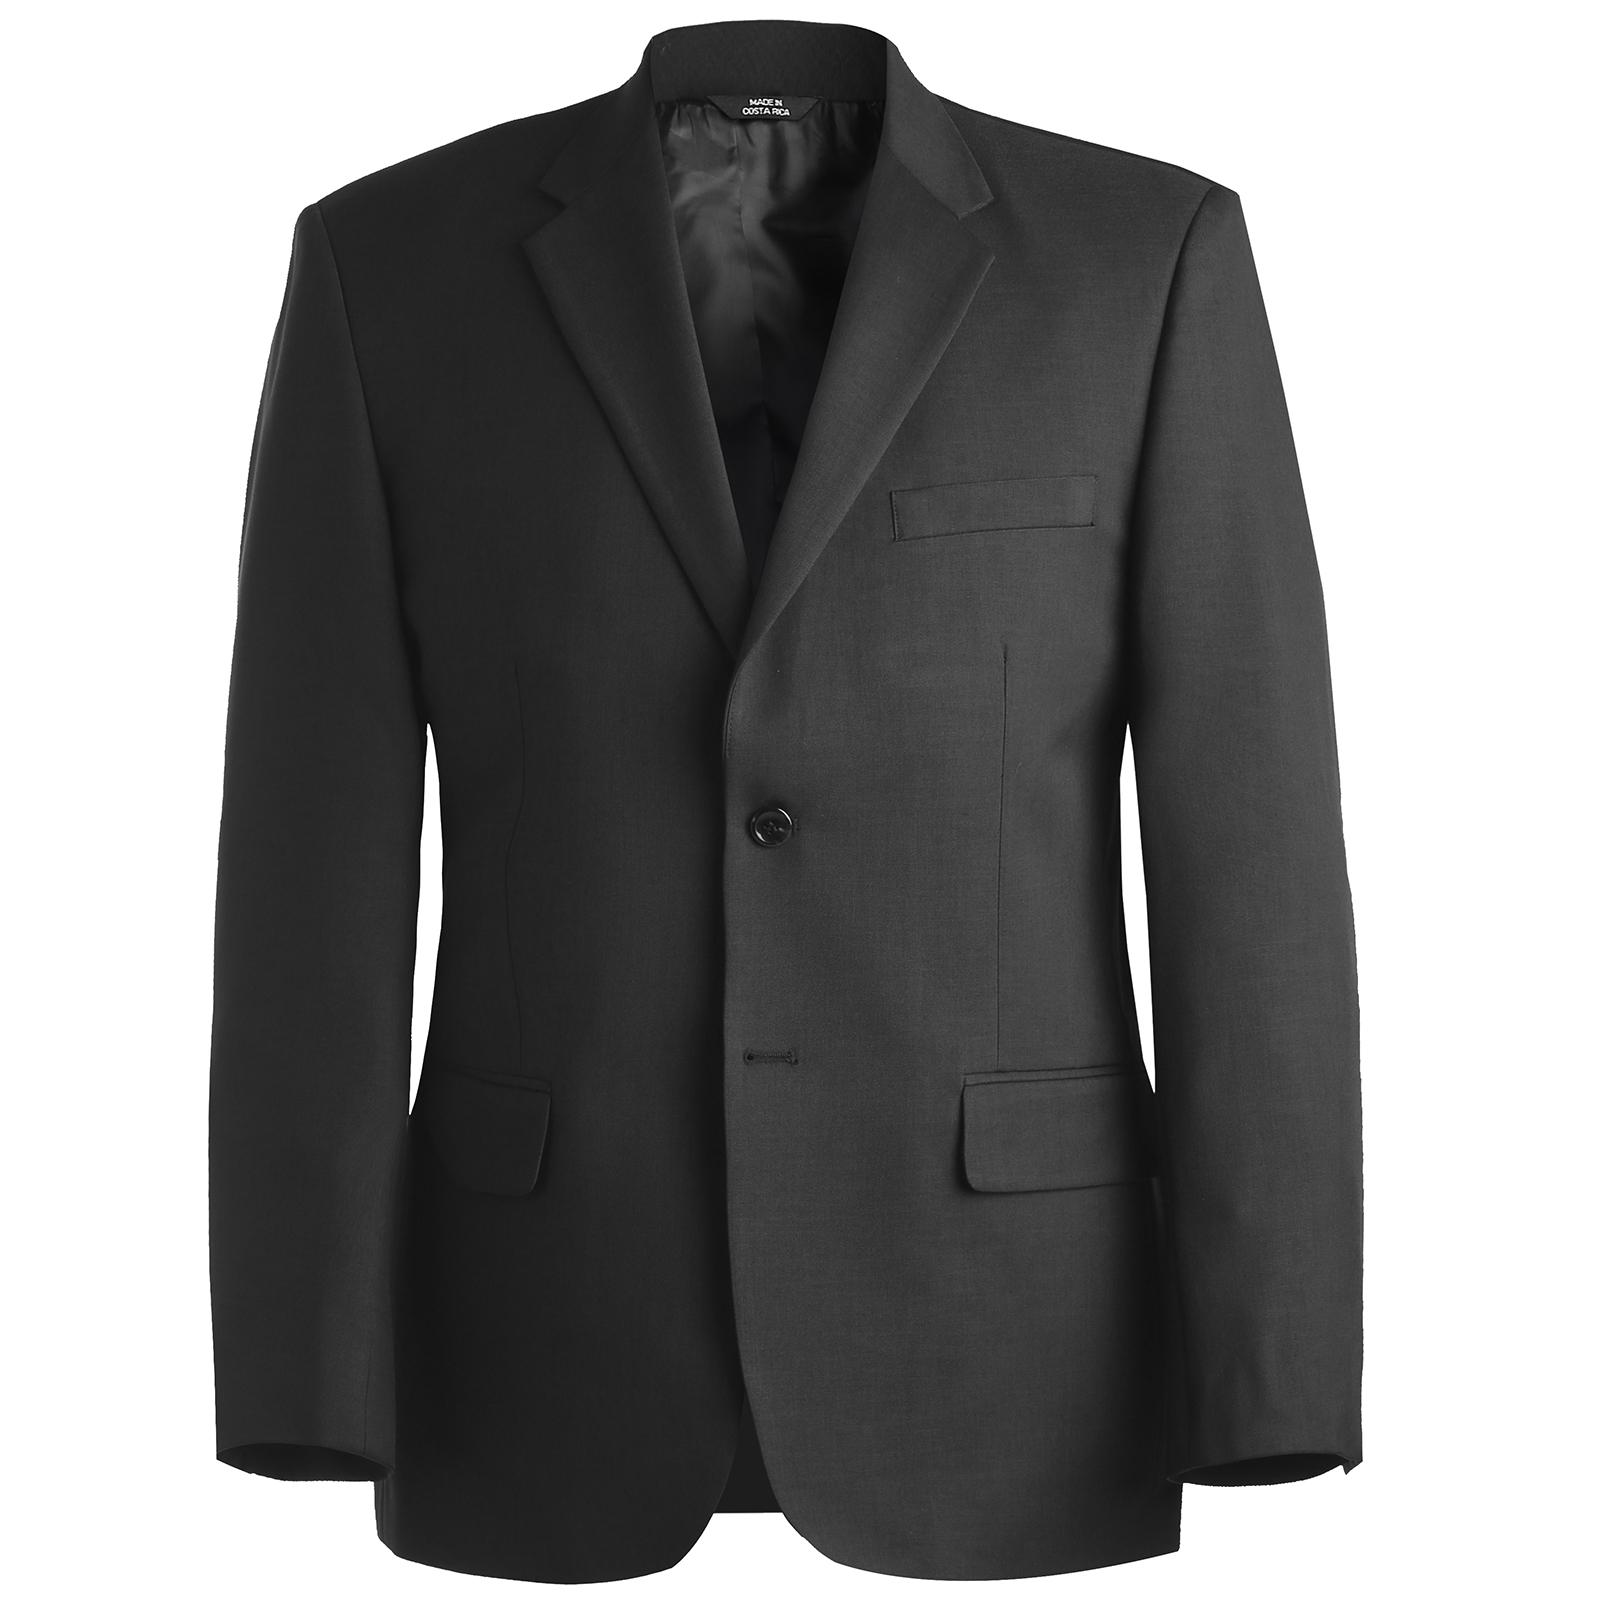 Size 44 Chest Men's Suits & Sport Coats - Kmart